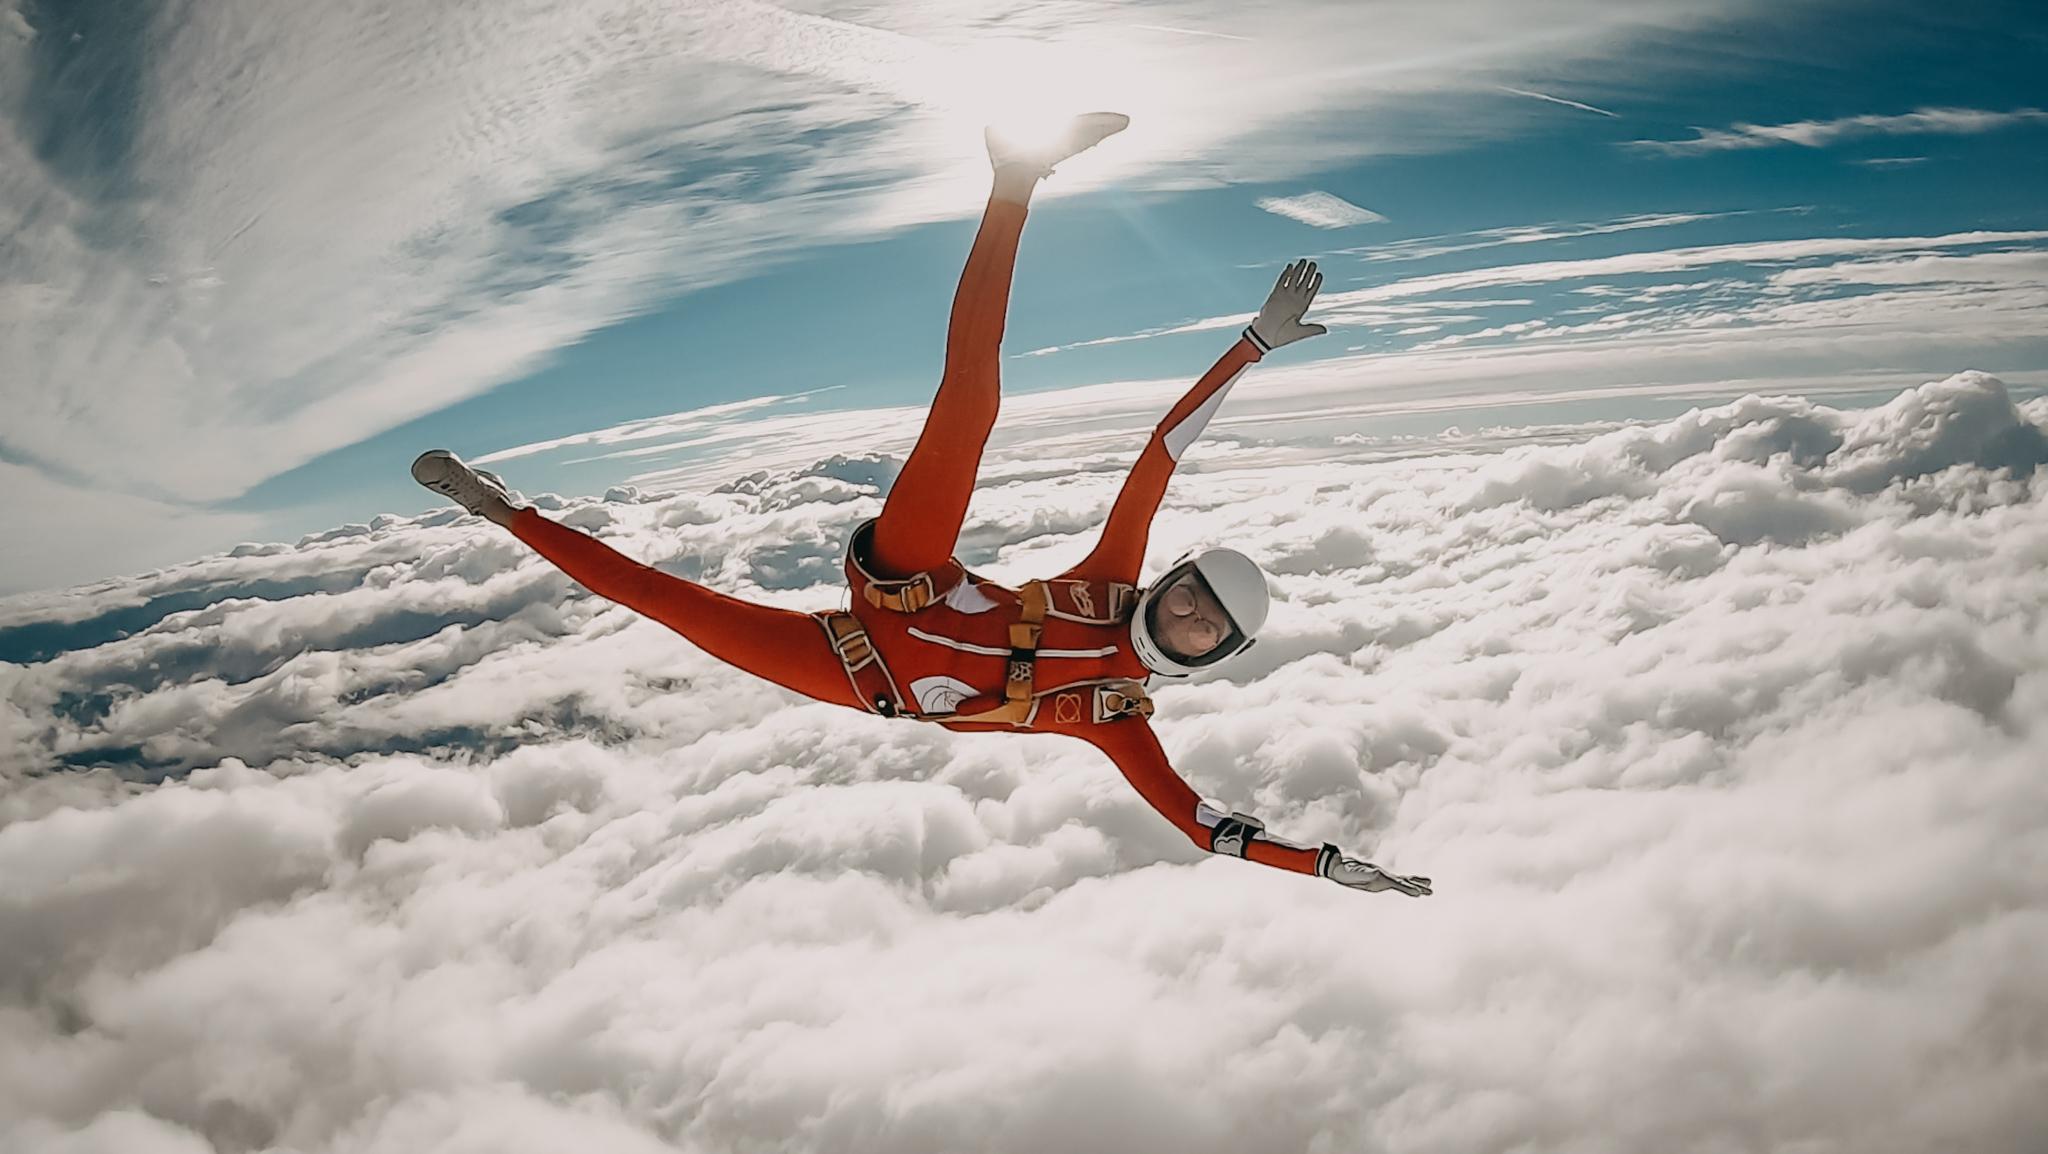 Life is better above the clouds |La vie est meilleure au-dessus des nuages